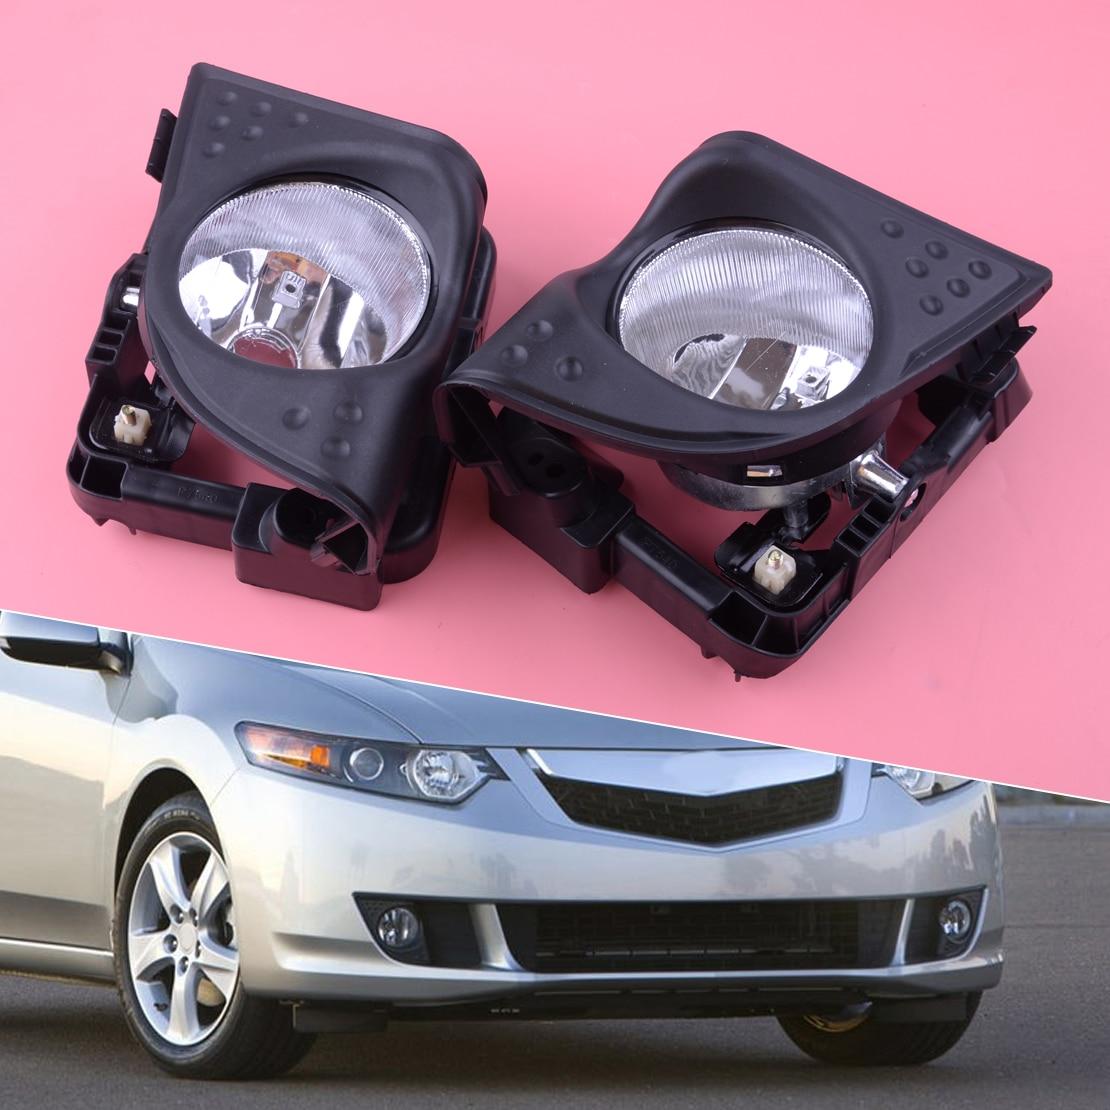 33900TL0A01 33950TL0A01 1 paire voiture gauche droite avant brouillard conduite lumière couvercle garniture cadre noir Fit pour Acura TSX 2009 2010